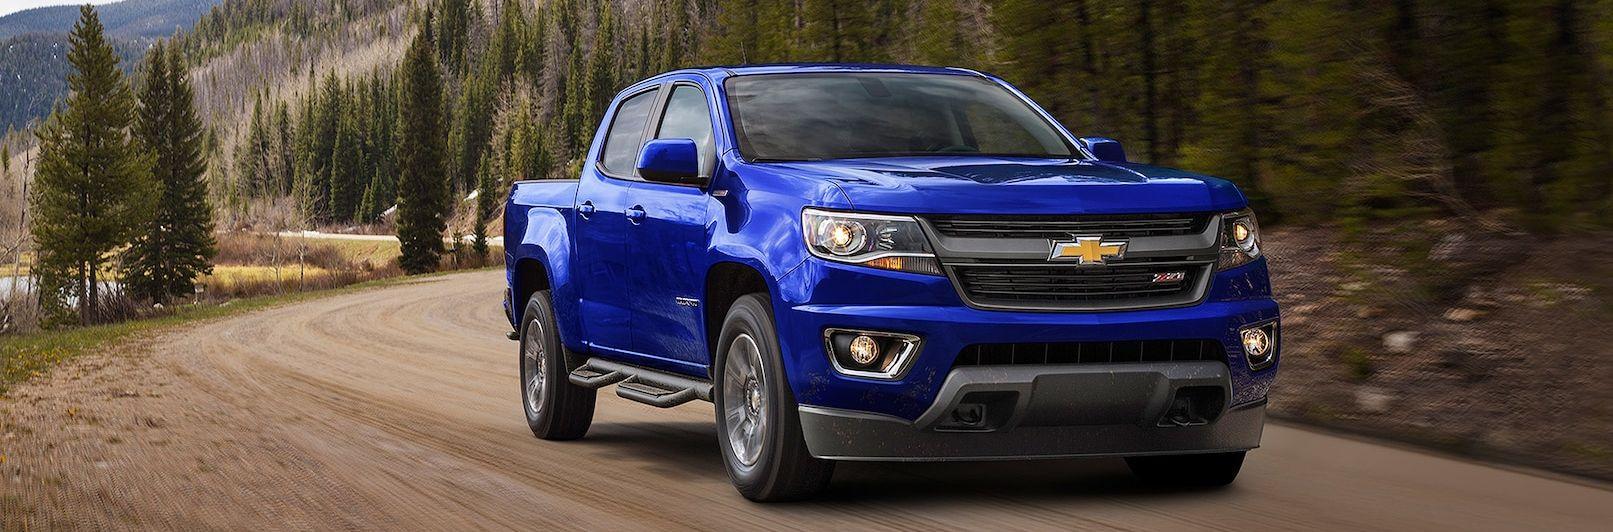 Chevrolet Colorado 2018 a la venta cerca de San Diego, CA - Weseloh ...